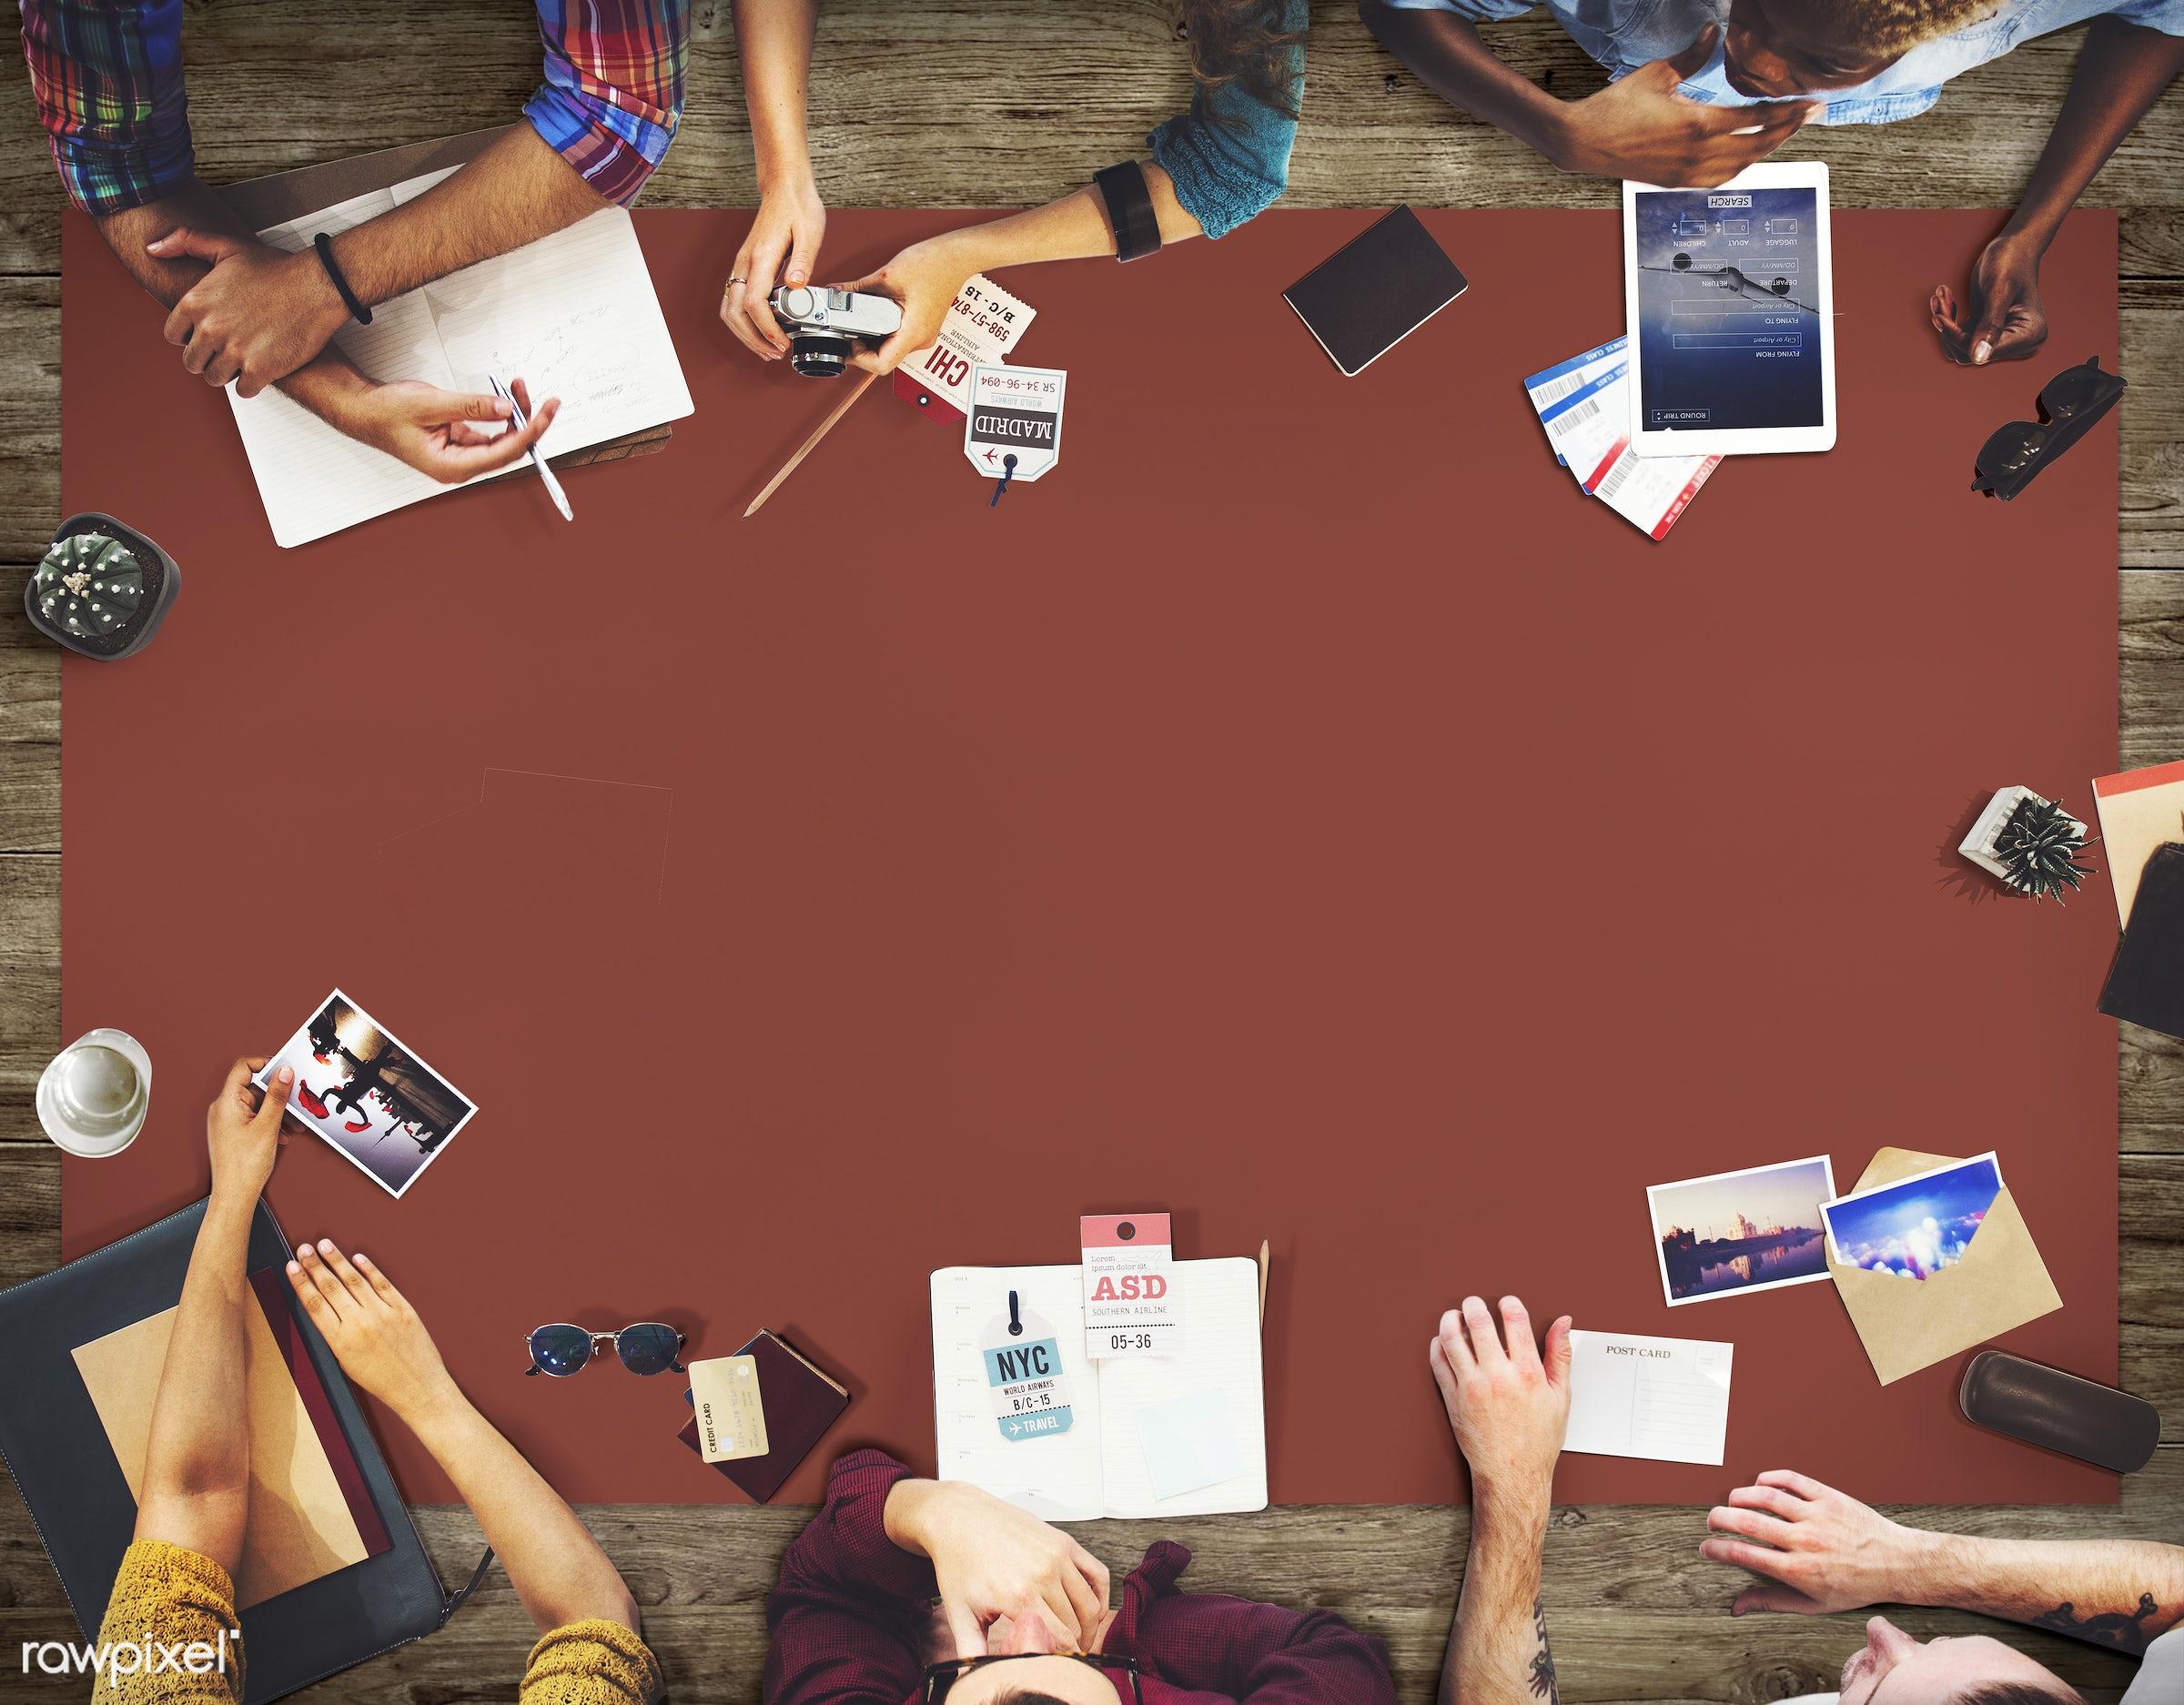 bonding, break, celebration, computer, connection, data, decision, digital, diversity, explore, festival, festivity, friends...